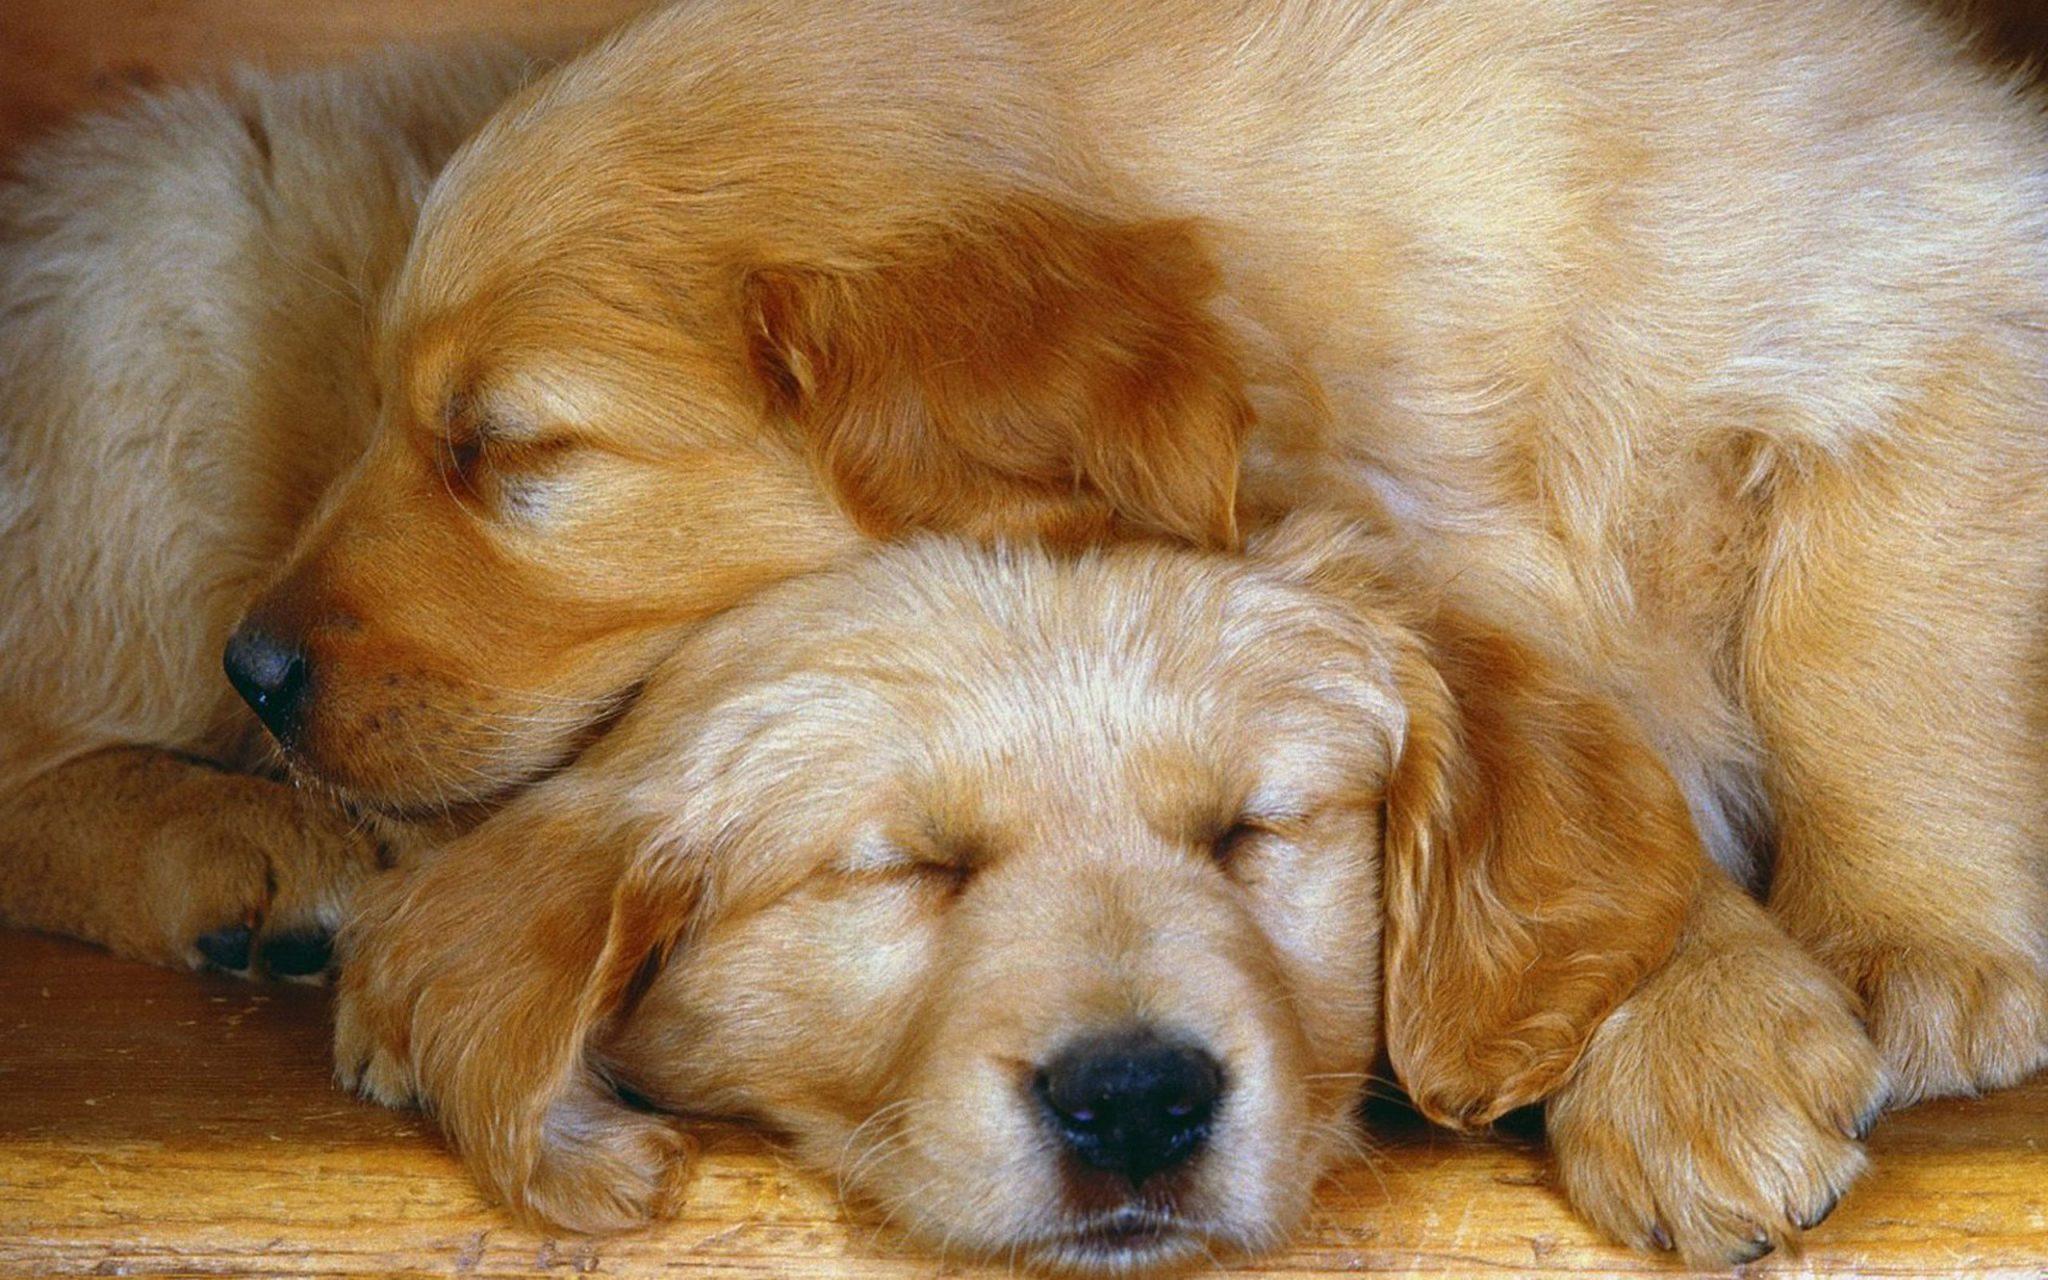 Sleeping dog3